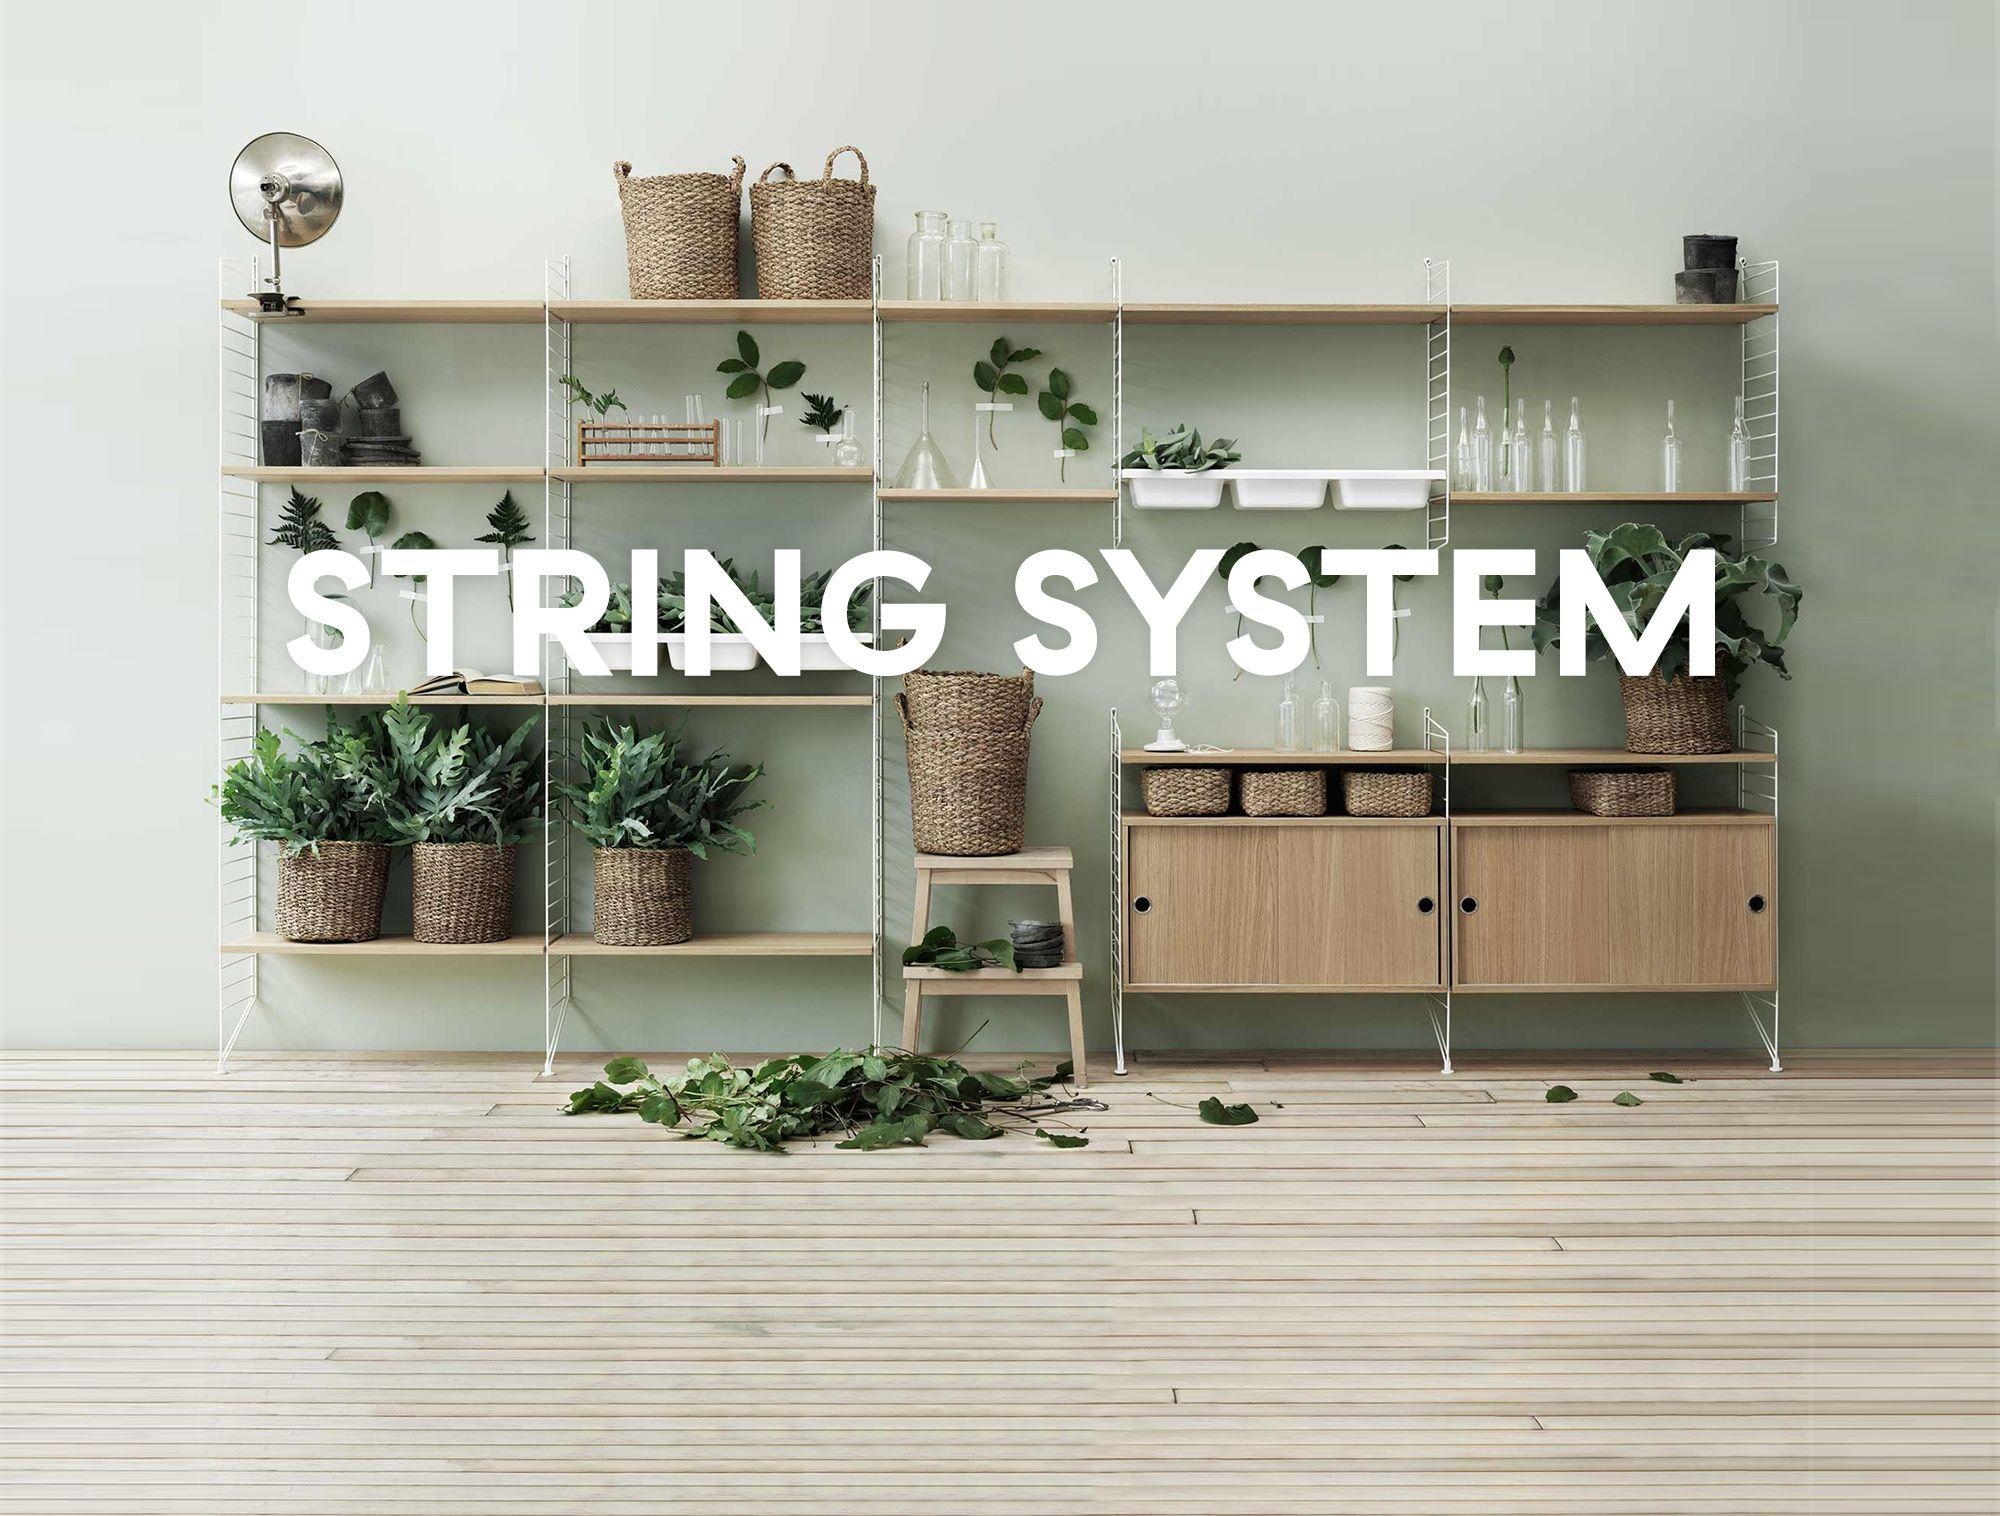 String System